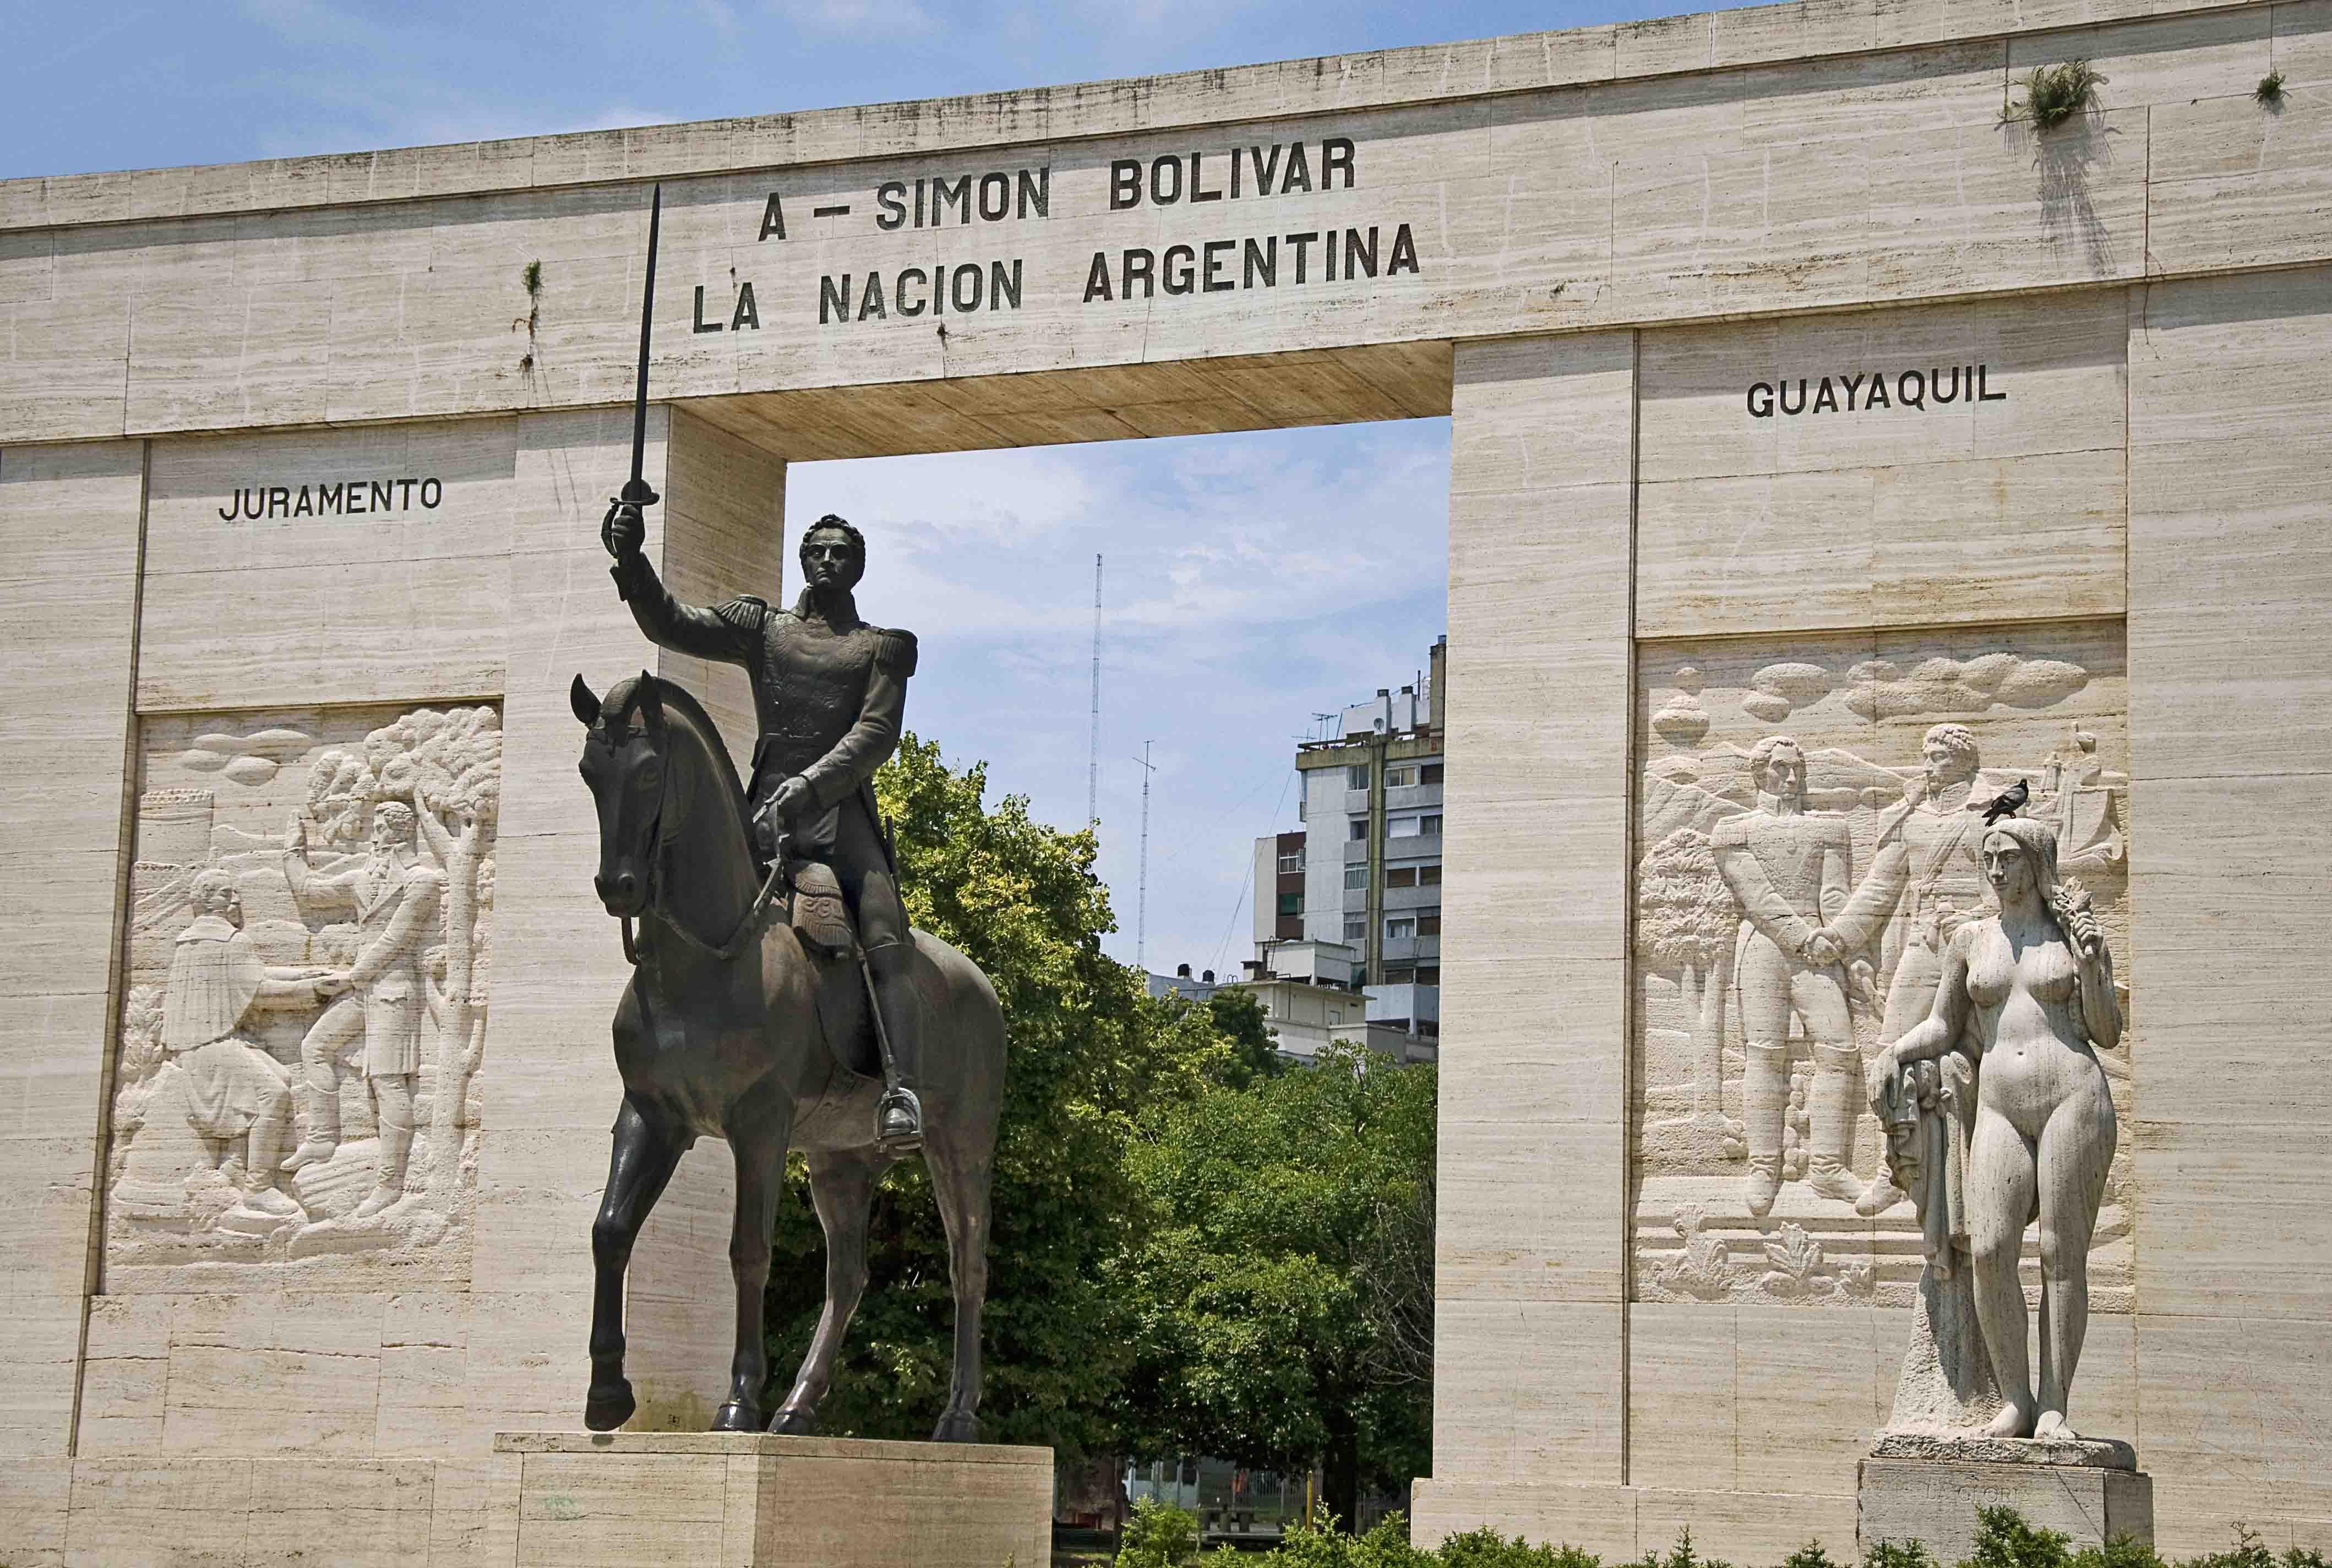 Homenaje a Simón Bolivar